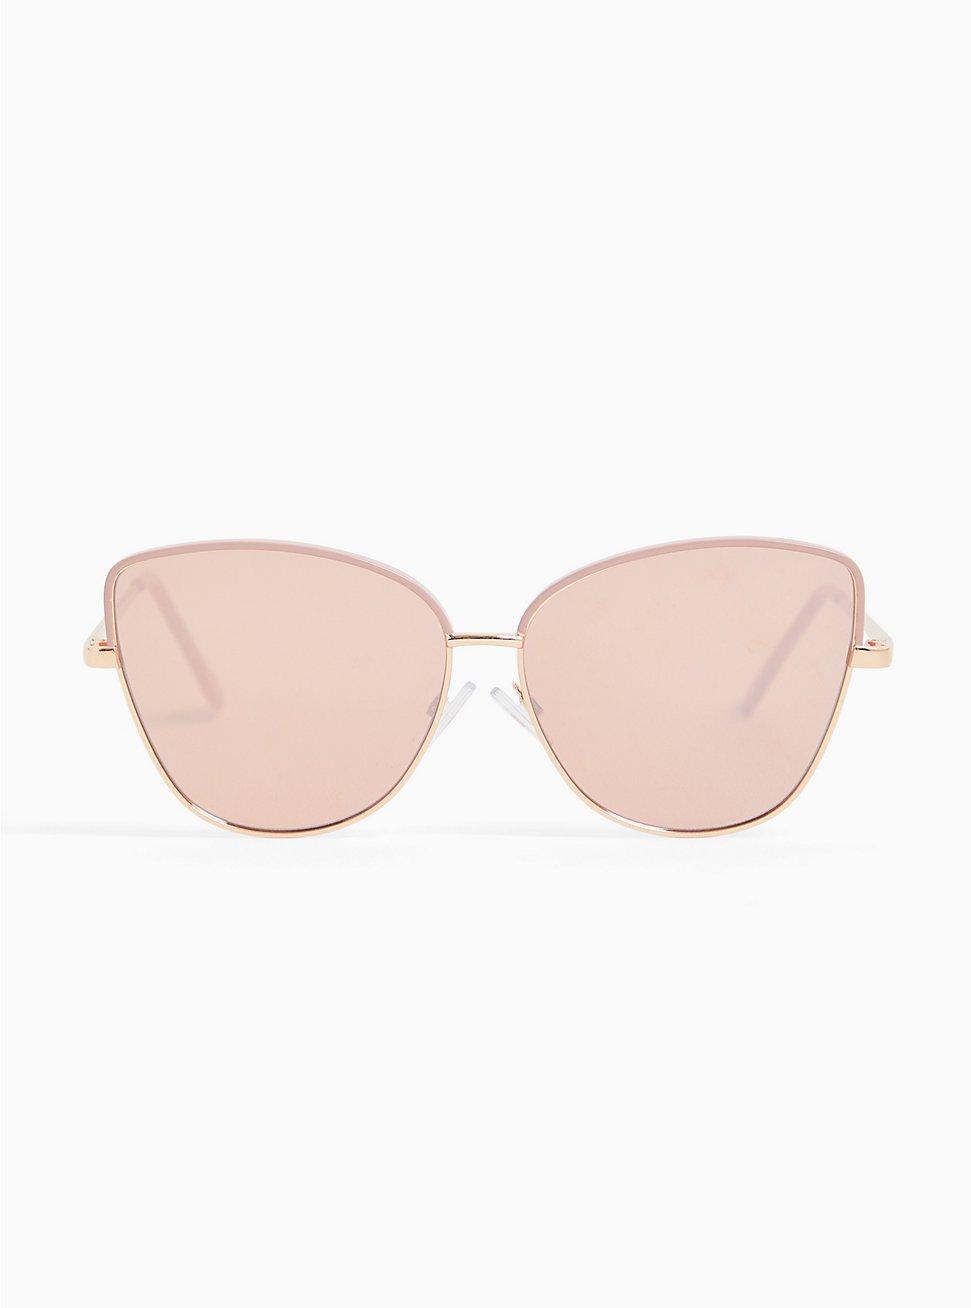 Rose Gold-Tone & Pink Metal Cat Eye Sunglasses, , hi-res